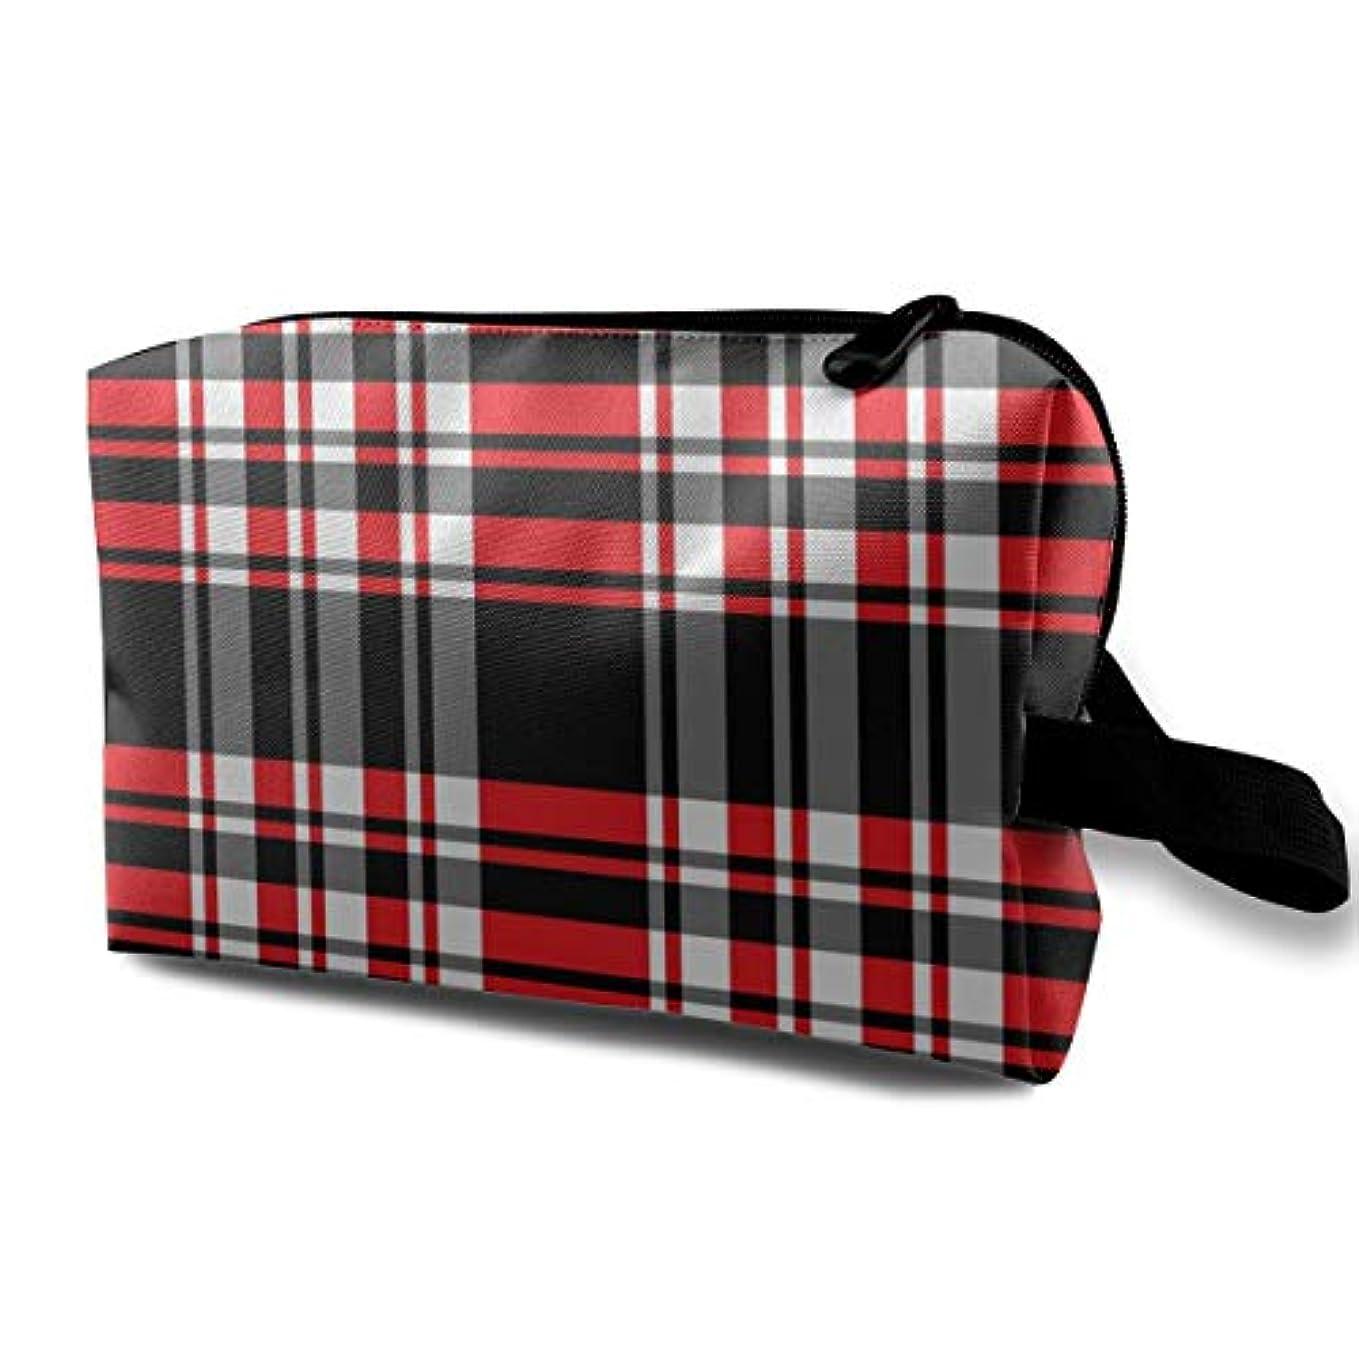 削除する突き刺す作物Plaid Red Black Stripes 収納ポーチ 化粧ポーチ 大容量 軽量 耐久性 ハンドル付持ち運び便利。入れ 自宅?出張?旅行?アウトドア撮影などに対応。メンズ レディース トラベルグッズ